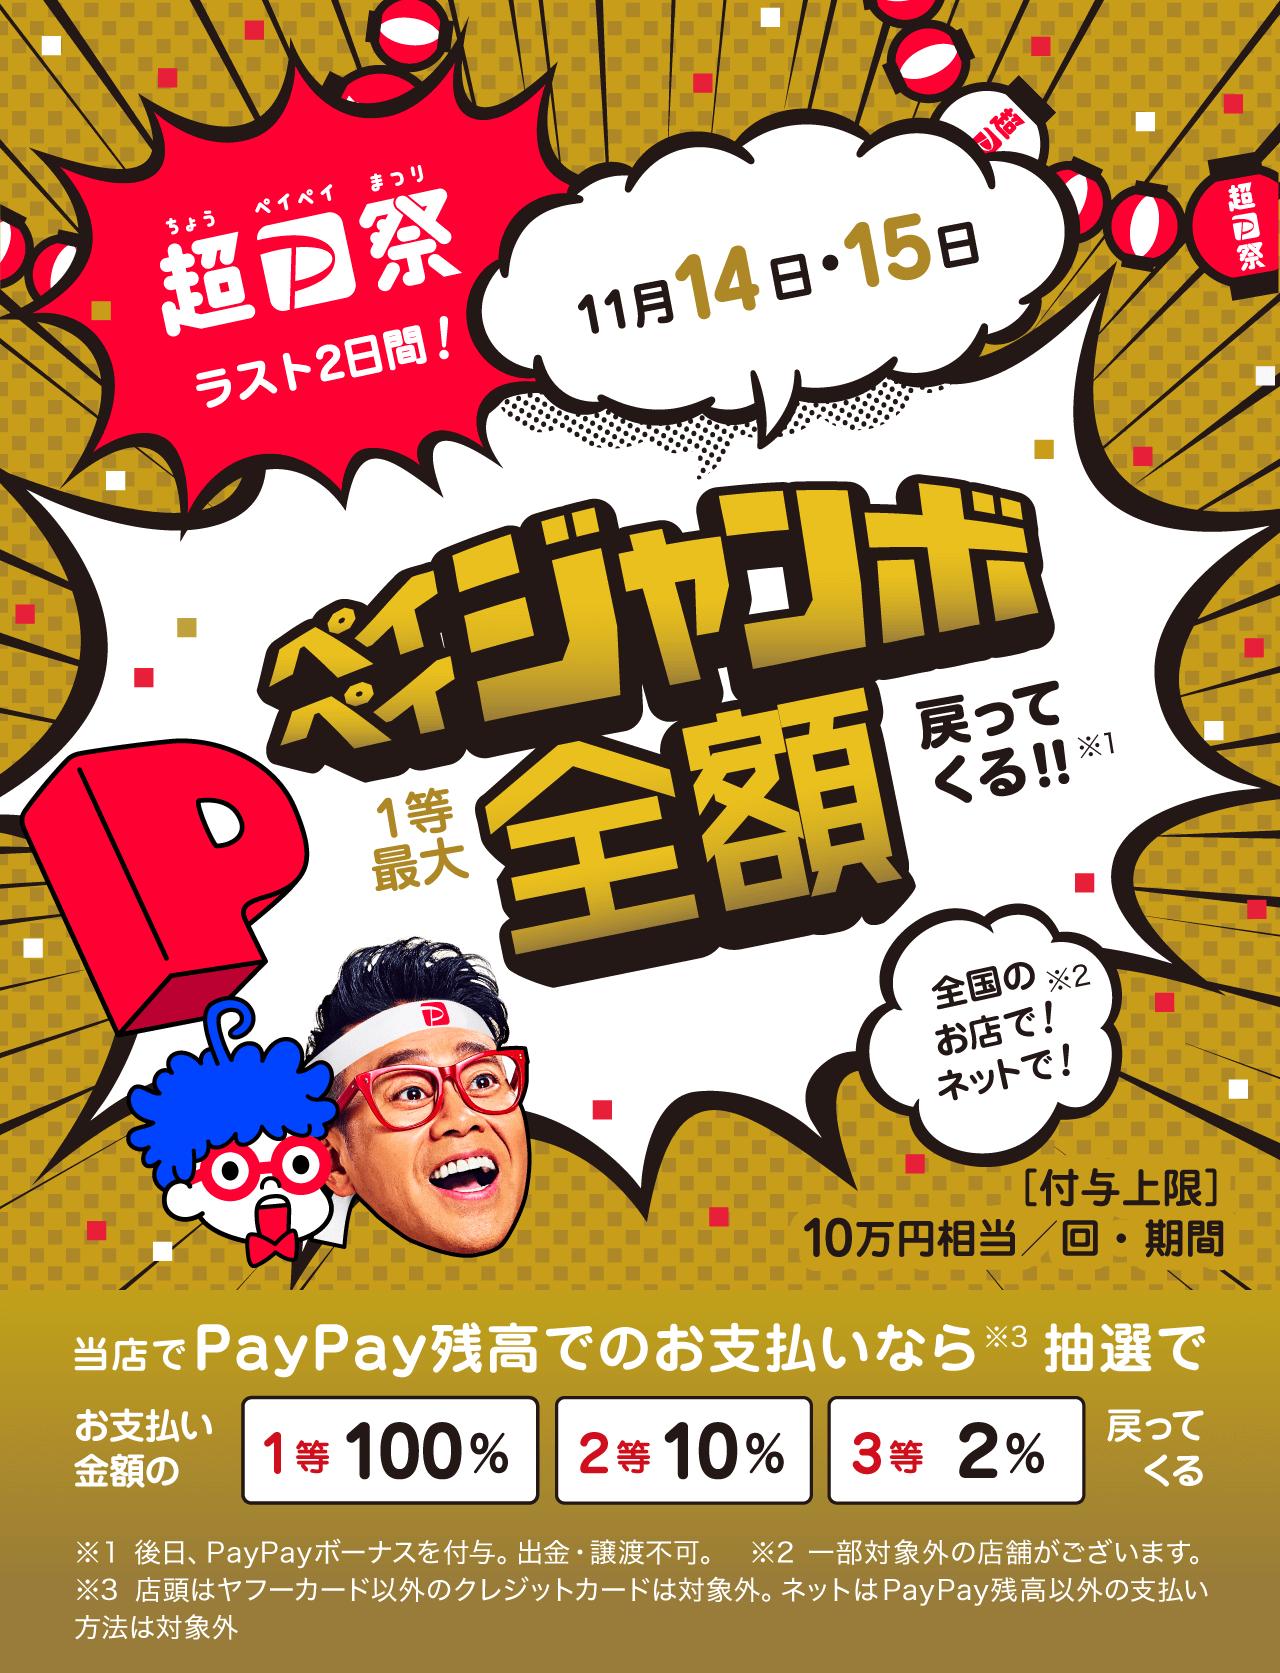 11月14日・11月15日 ペイペイジャンボ1等最大全額戻ってくる!!